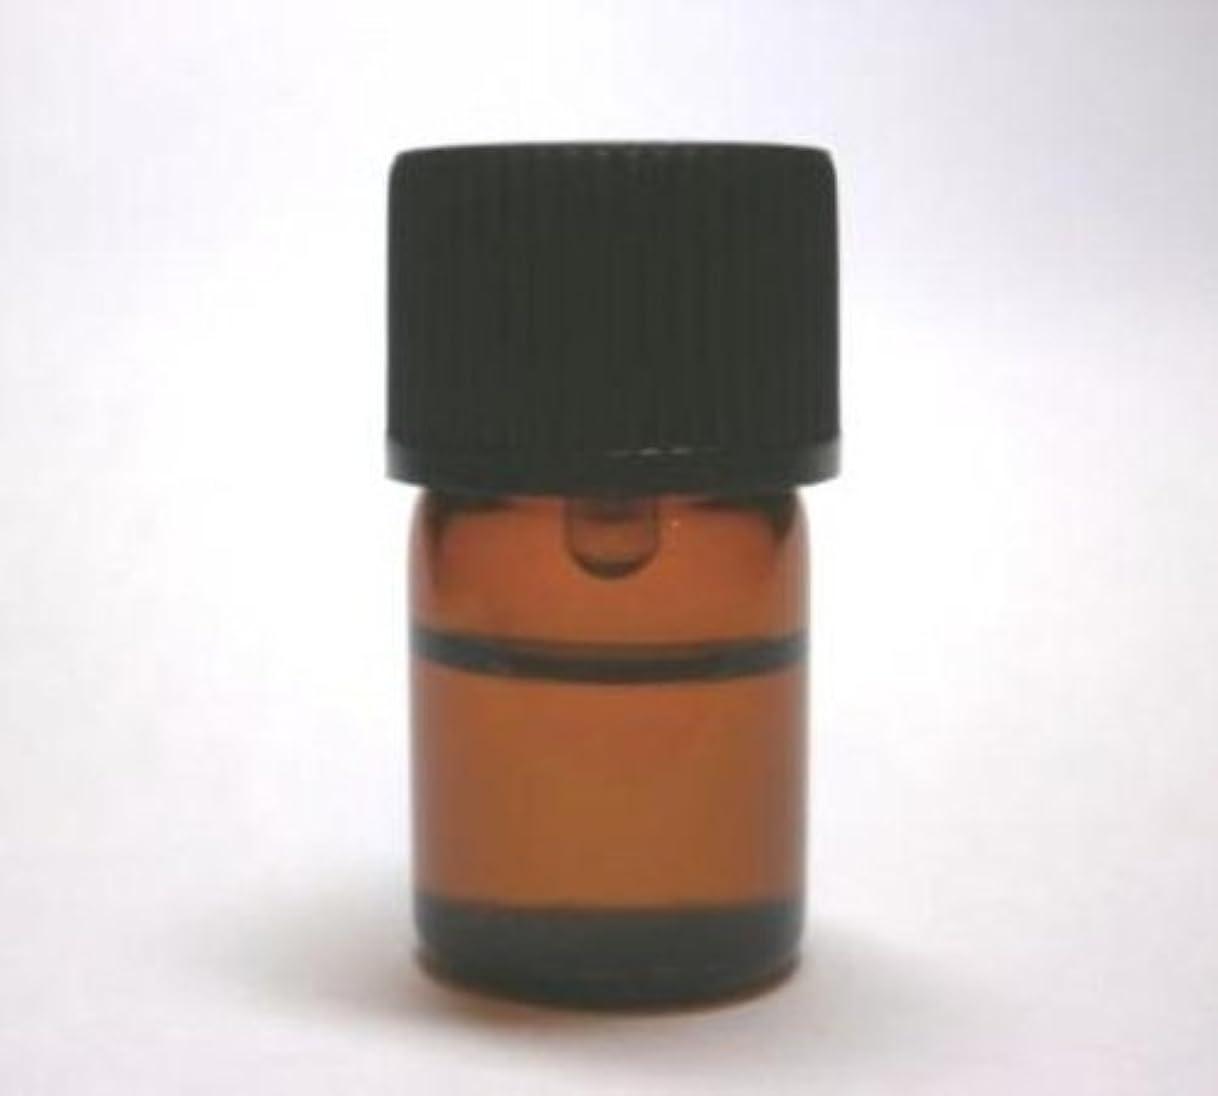 お世話になった傾向があります下品ローズオットー100%:3ml/ローズエッセンシャルオイル/ローズ精油/ローズオイル